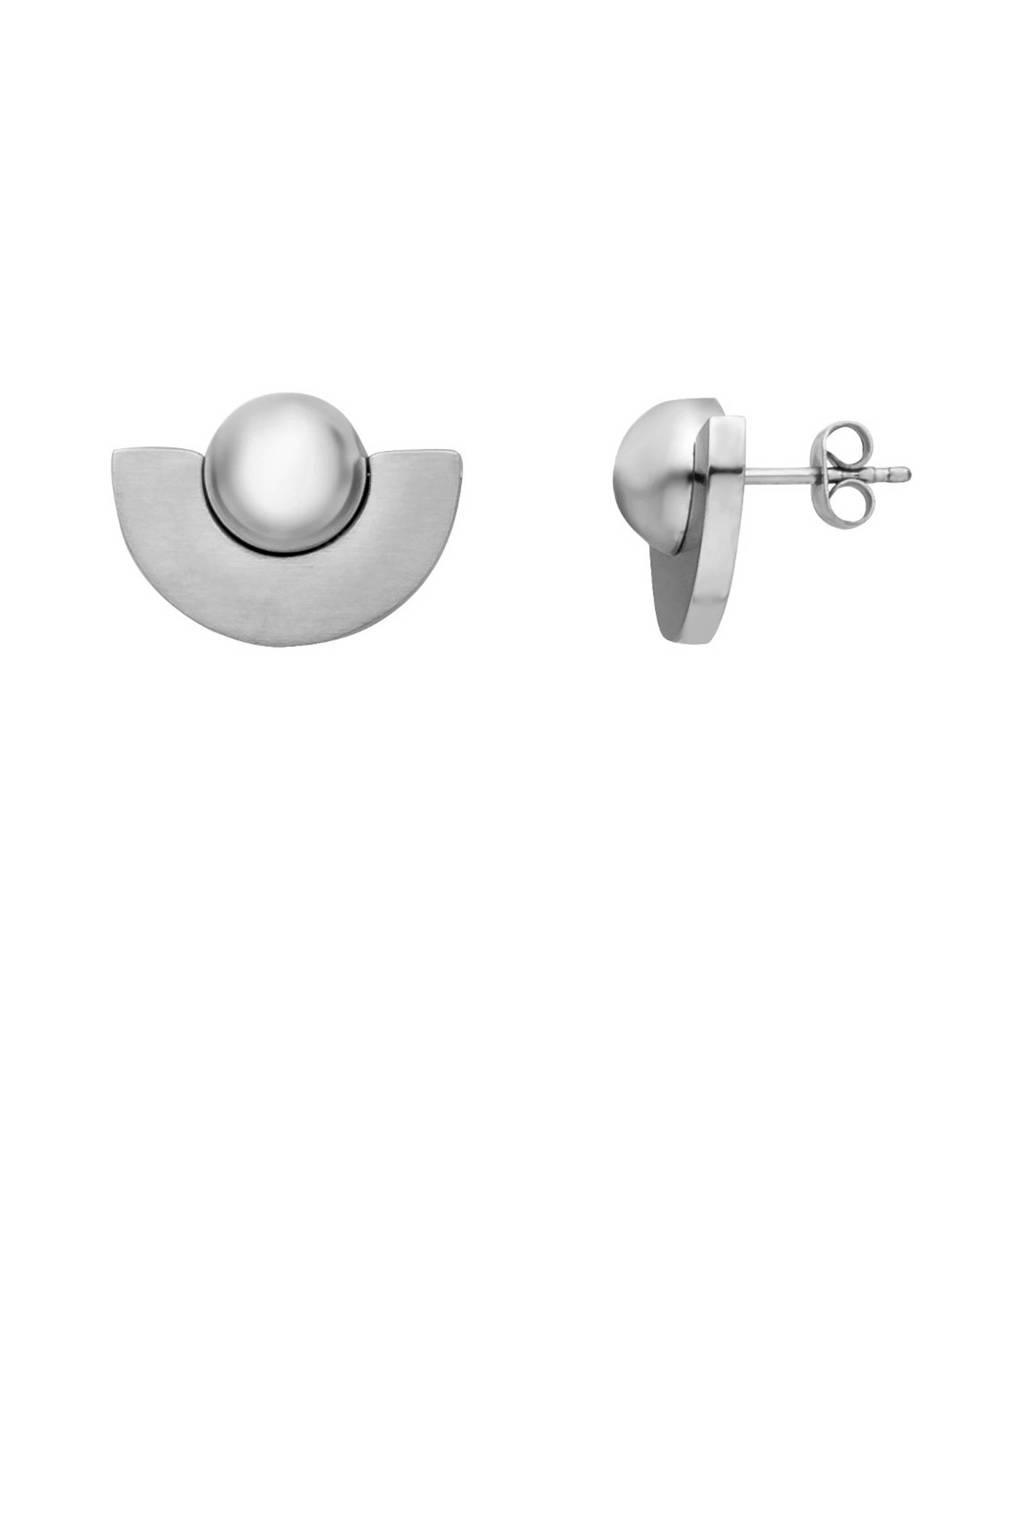 ESPRIT oorstekers - ESER00152100, Zilver